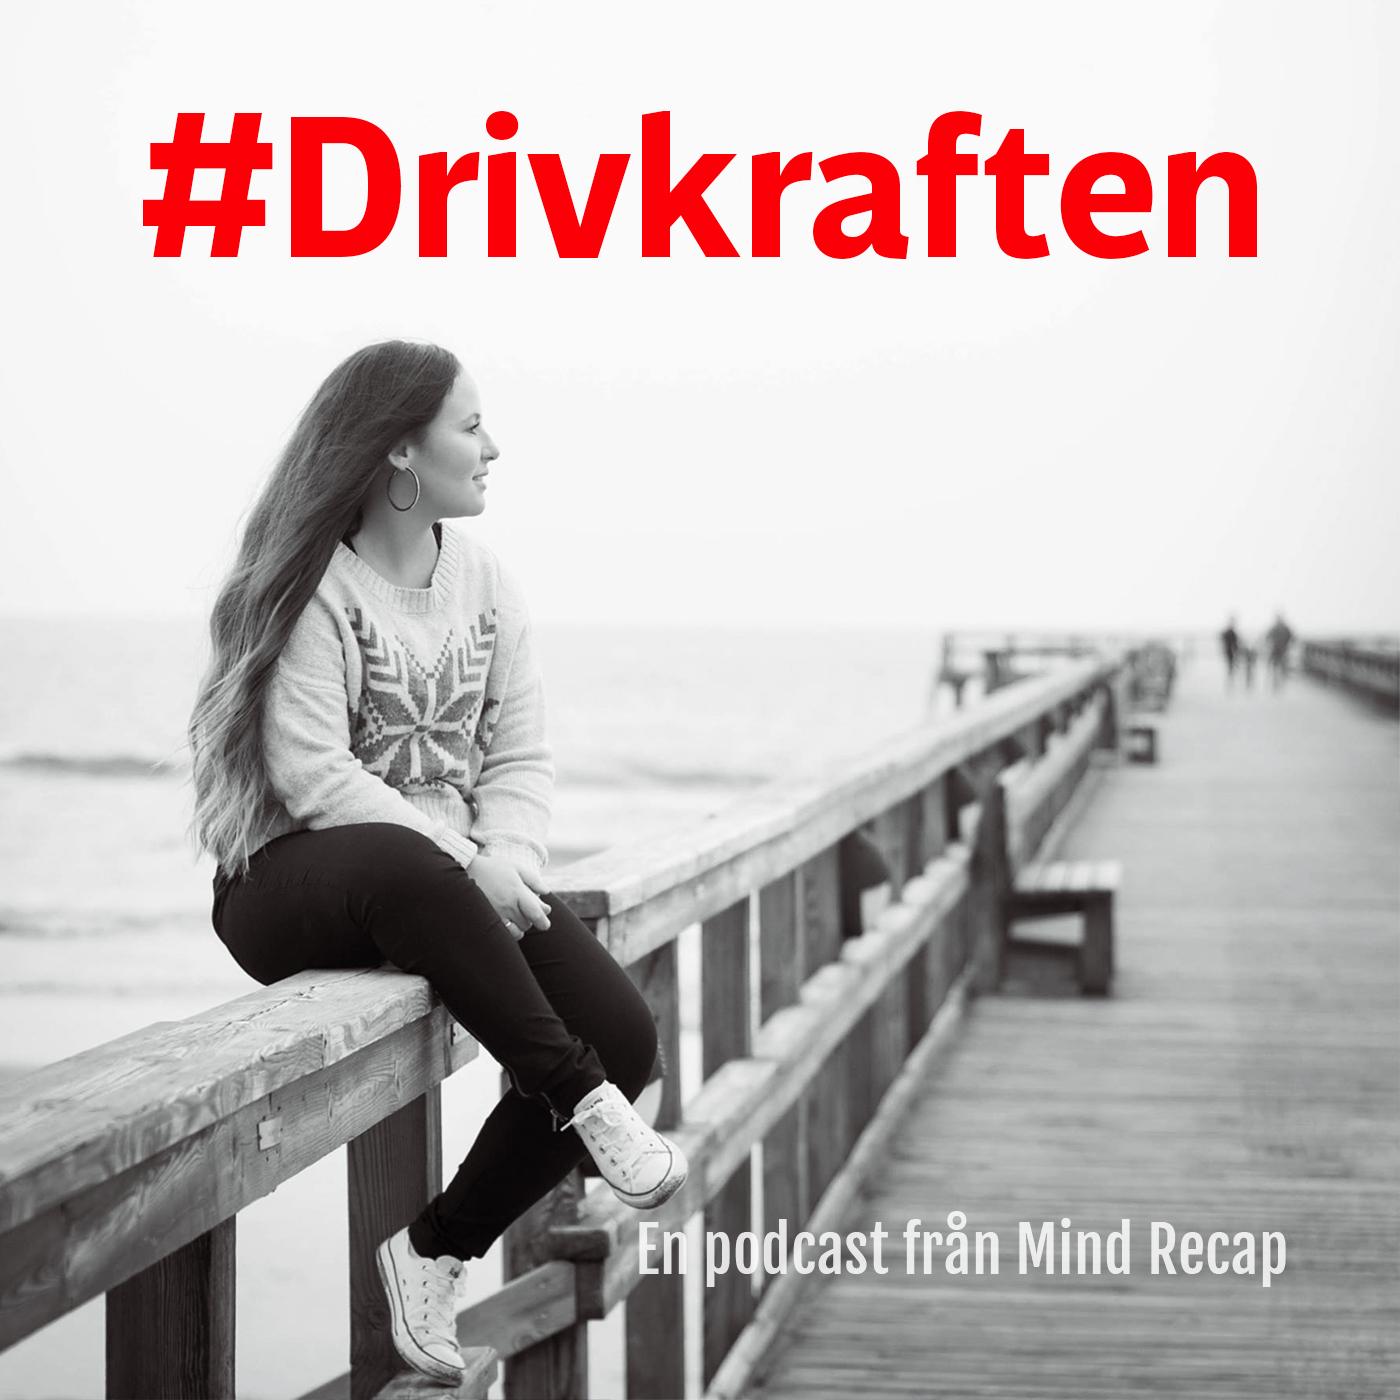 Drivkraften's podcast show art